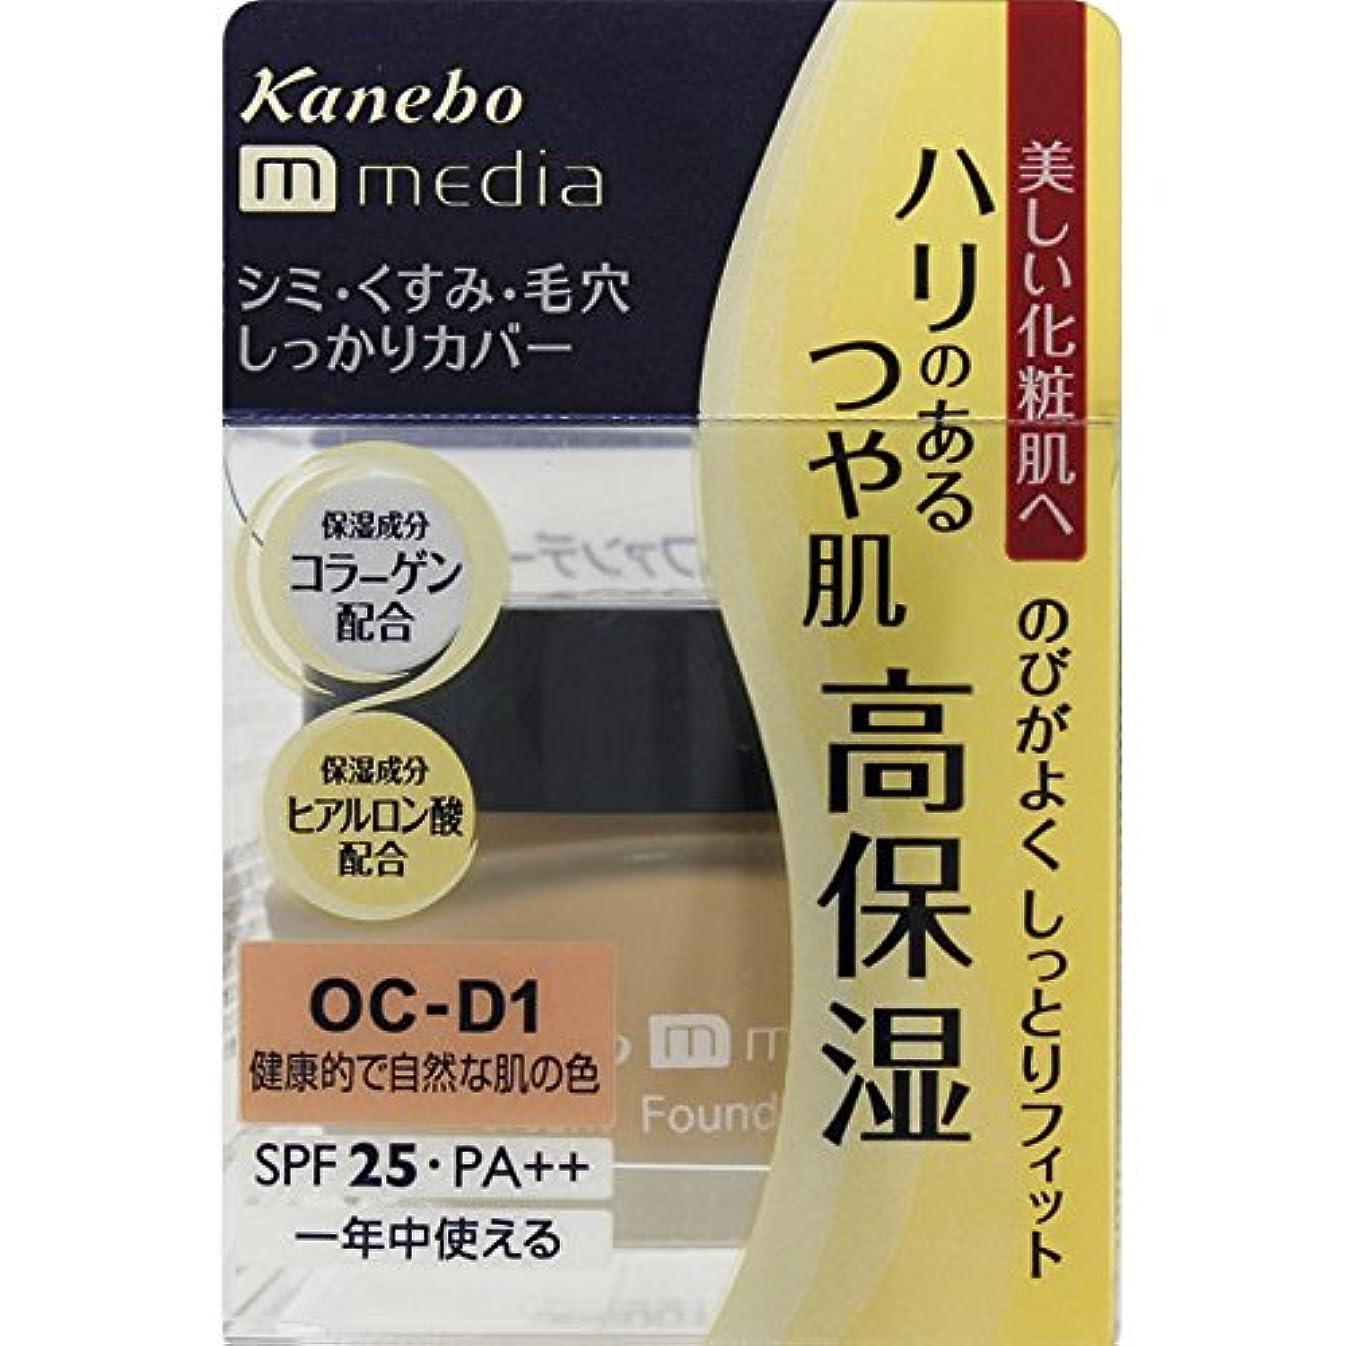 突進水曜日精査するカネボウ化粧品 メディア クリームファンデーション 健康的で自然な肌の色 OC-D1